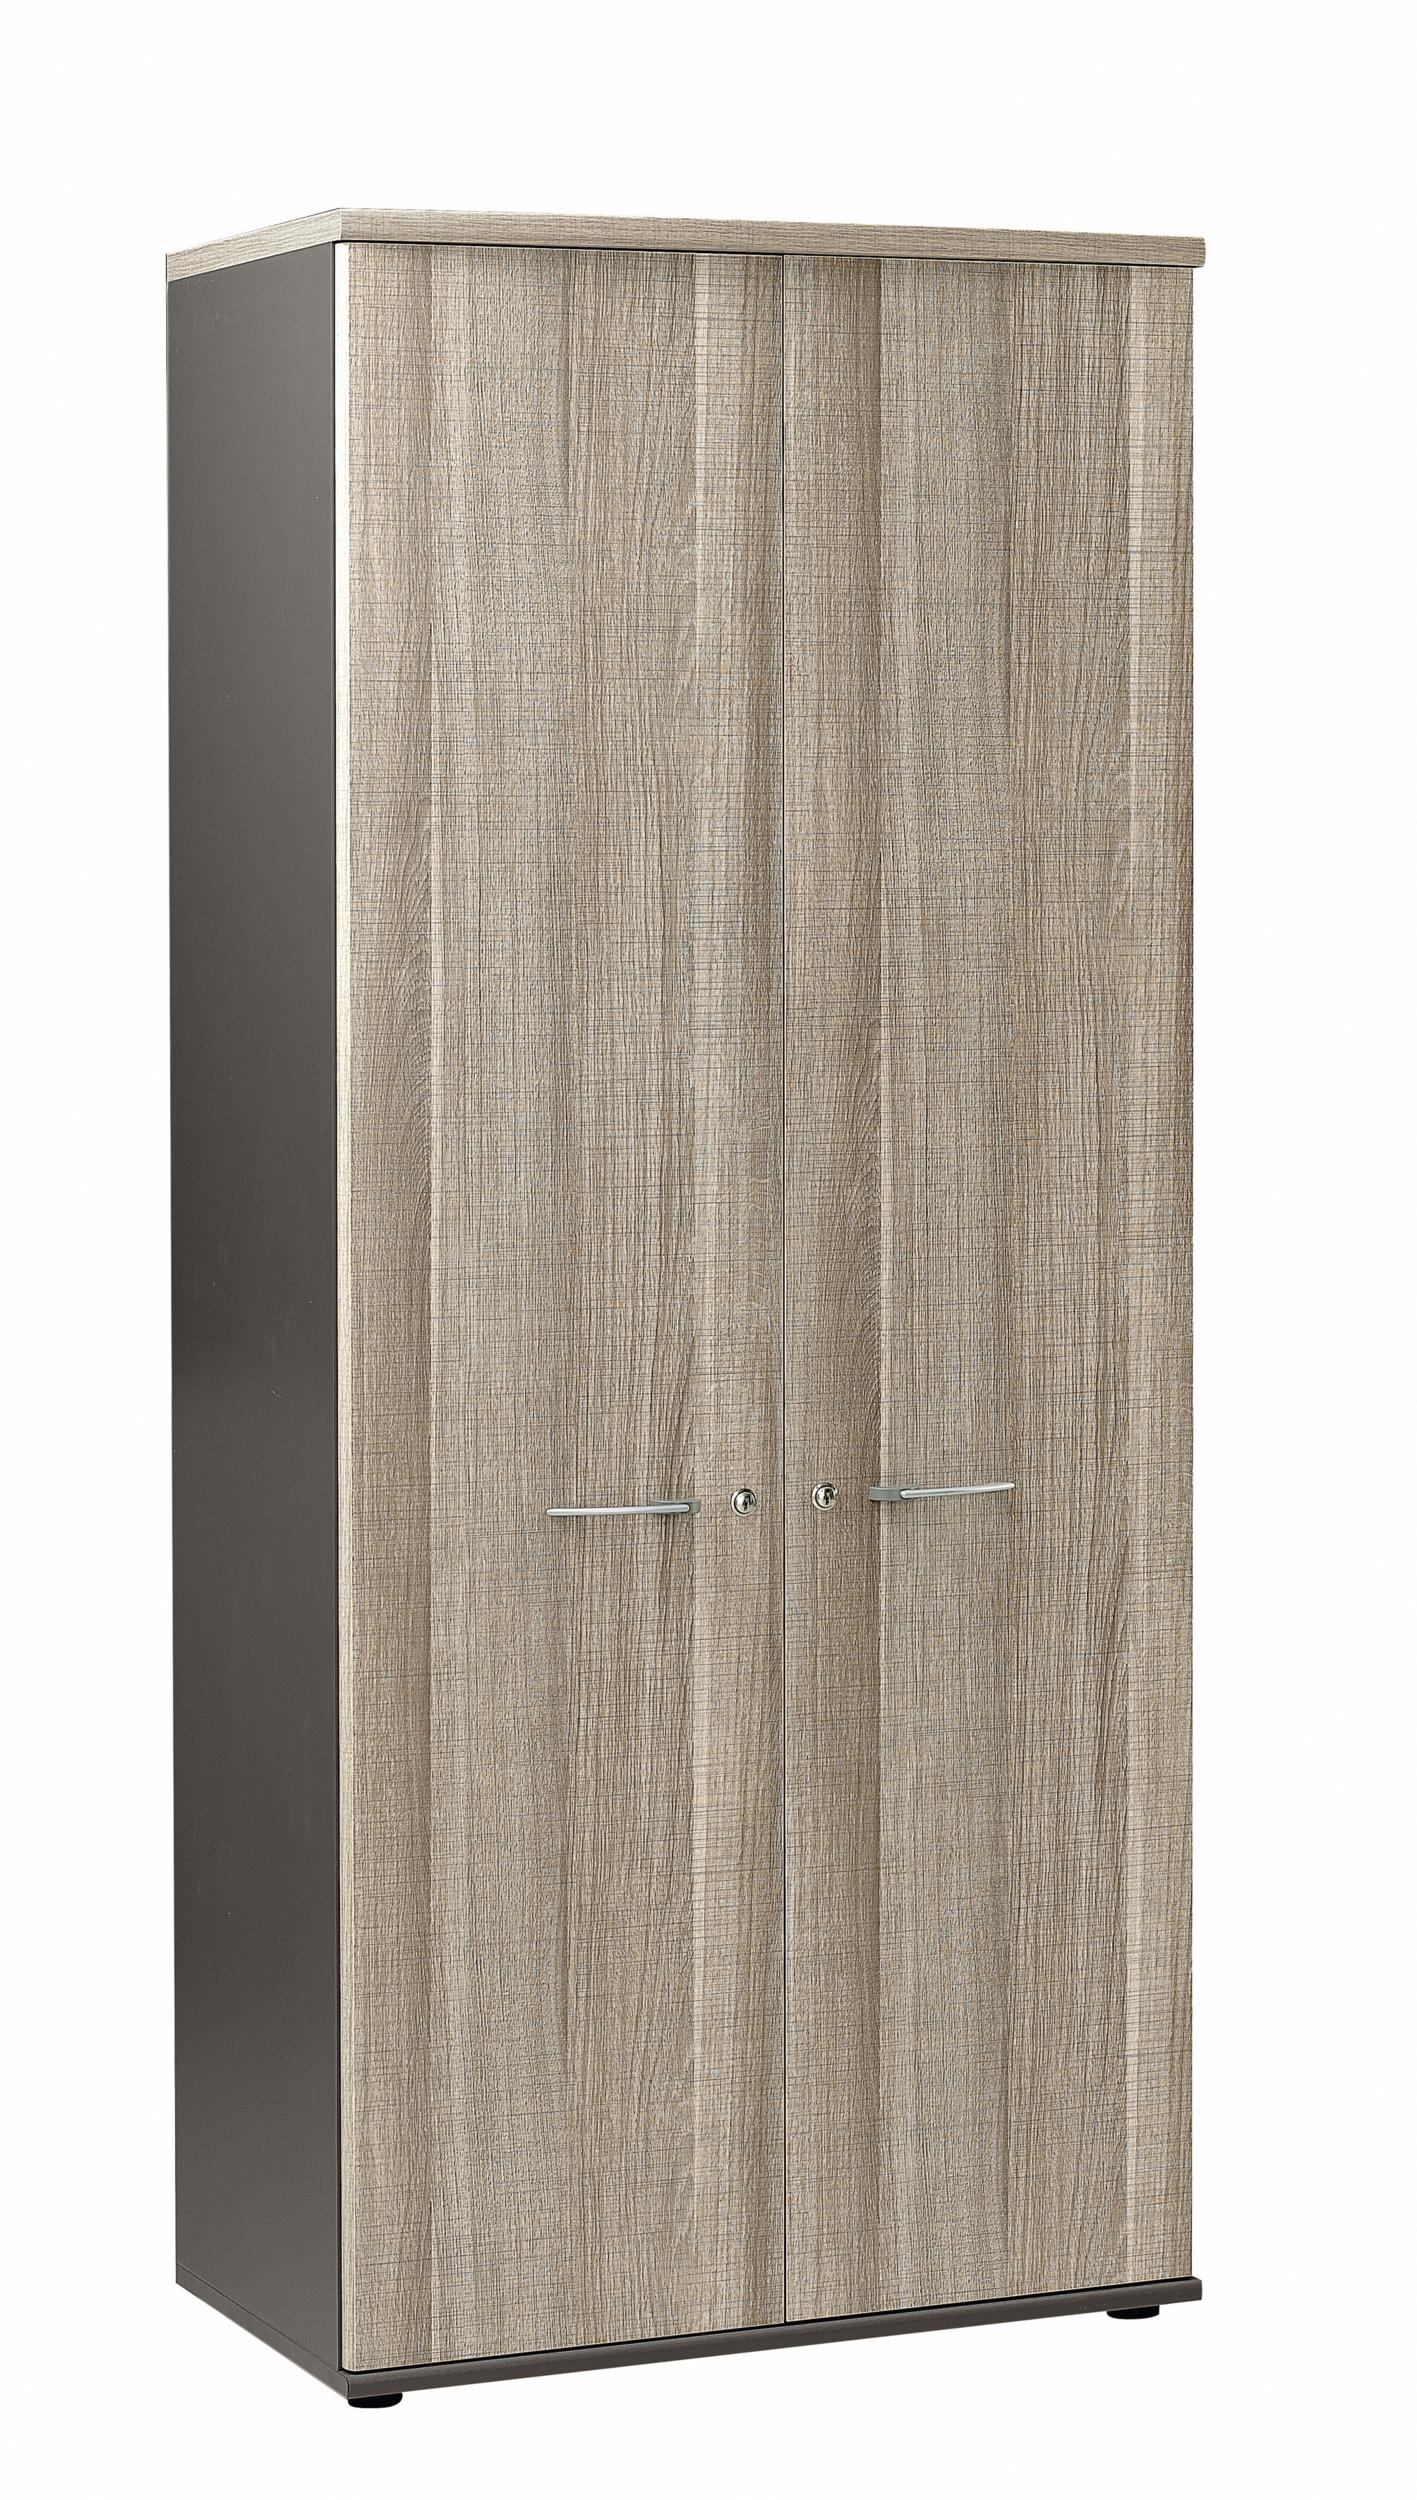 Jazz ch ne gris armoire 2 portes 80cm rangements meubles for Meuble bureau jazz